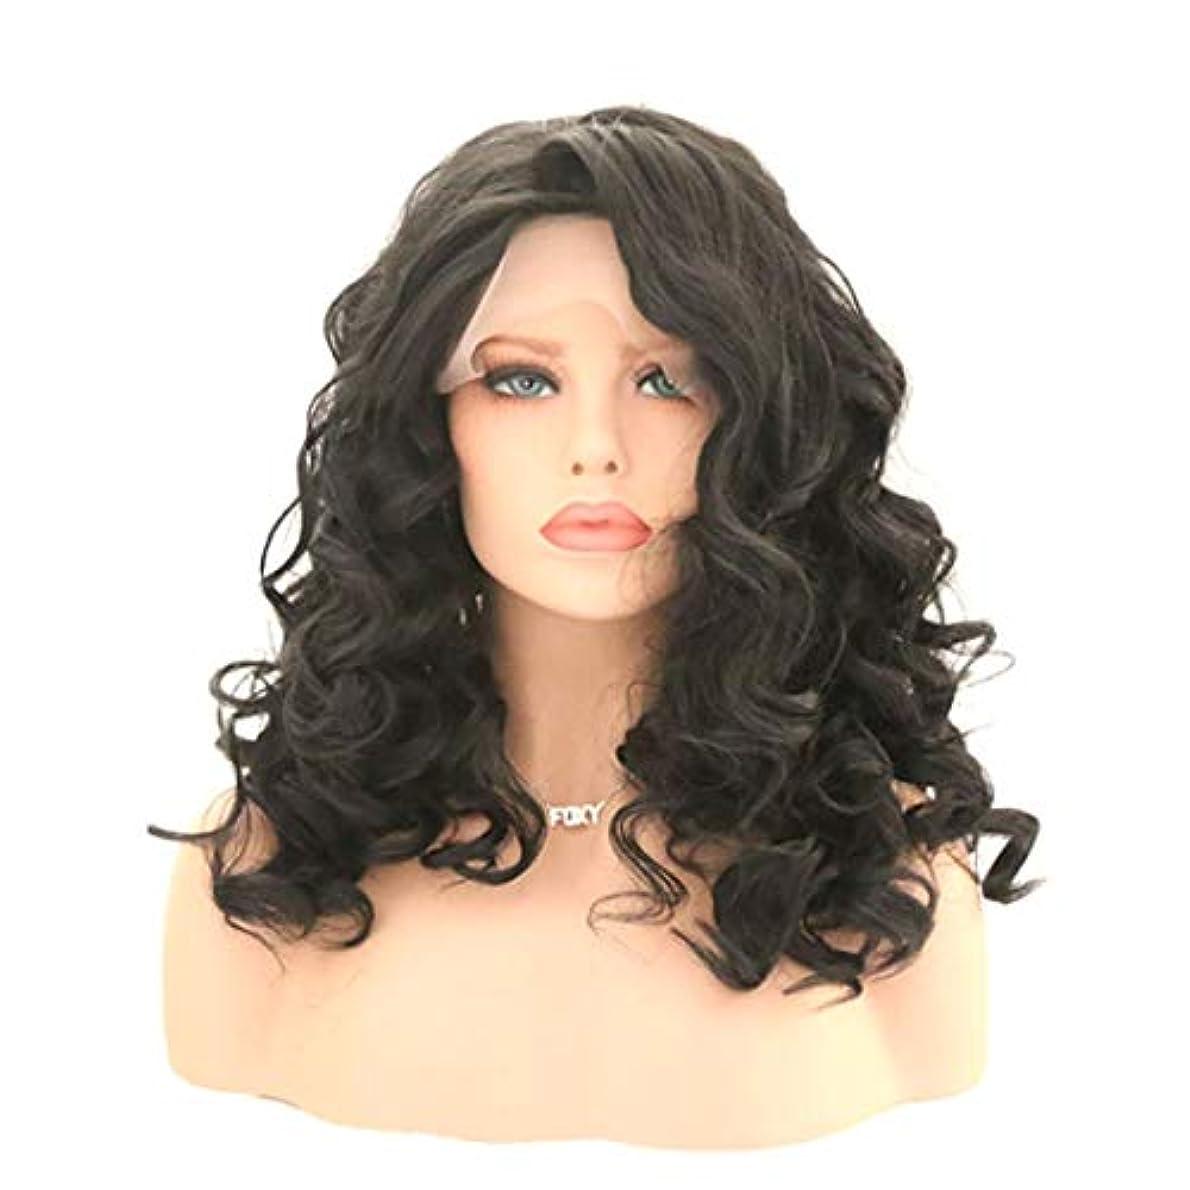 描写ドライブものKerwinner 女性のためのカーリー波状かつら前髪付きかつら人工毛髪かつら自然なかつら (Size : 22 inches)